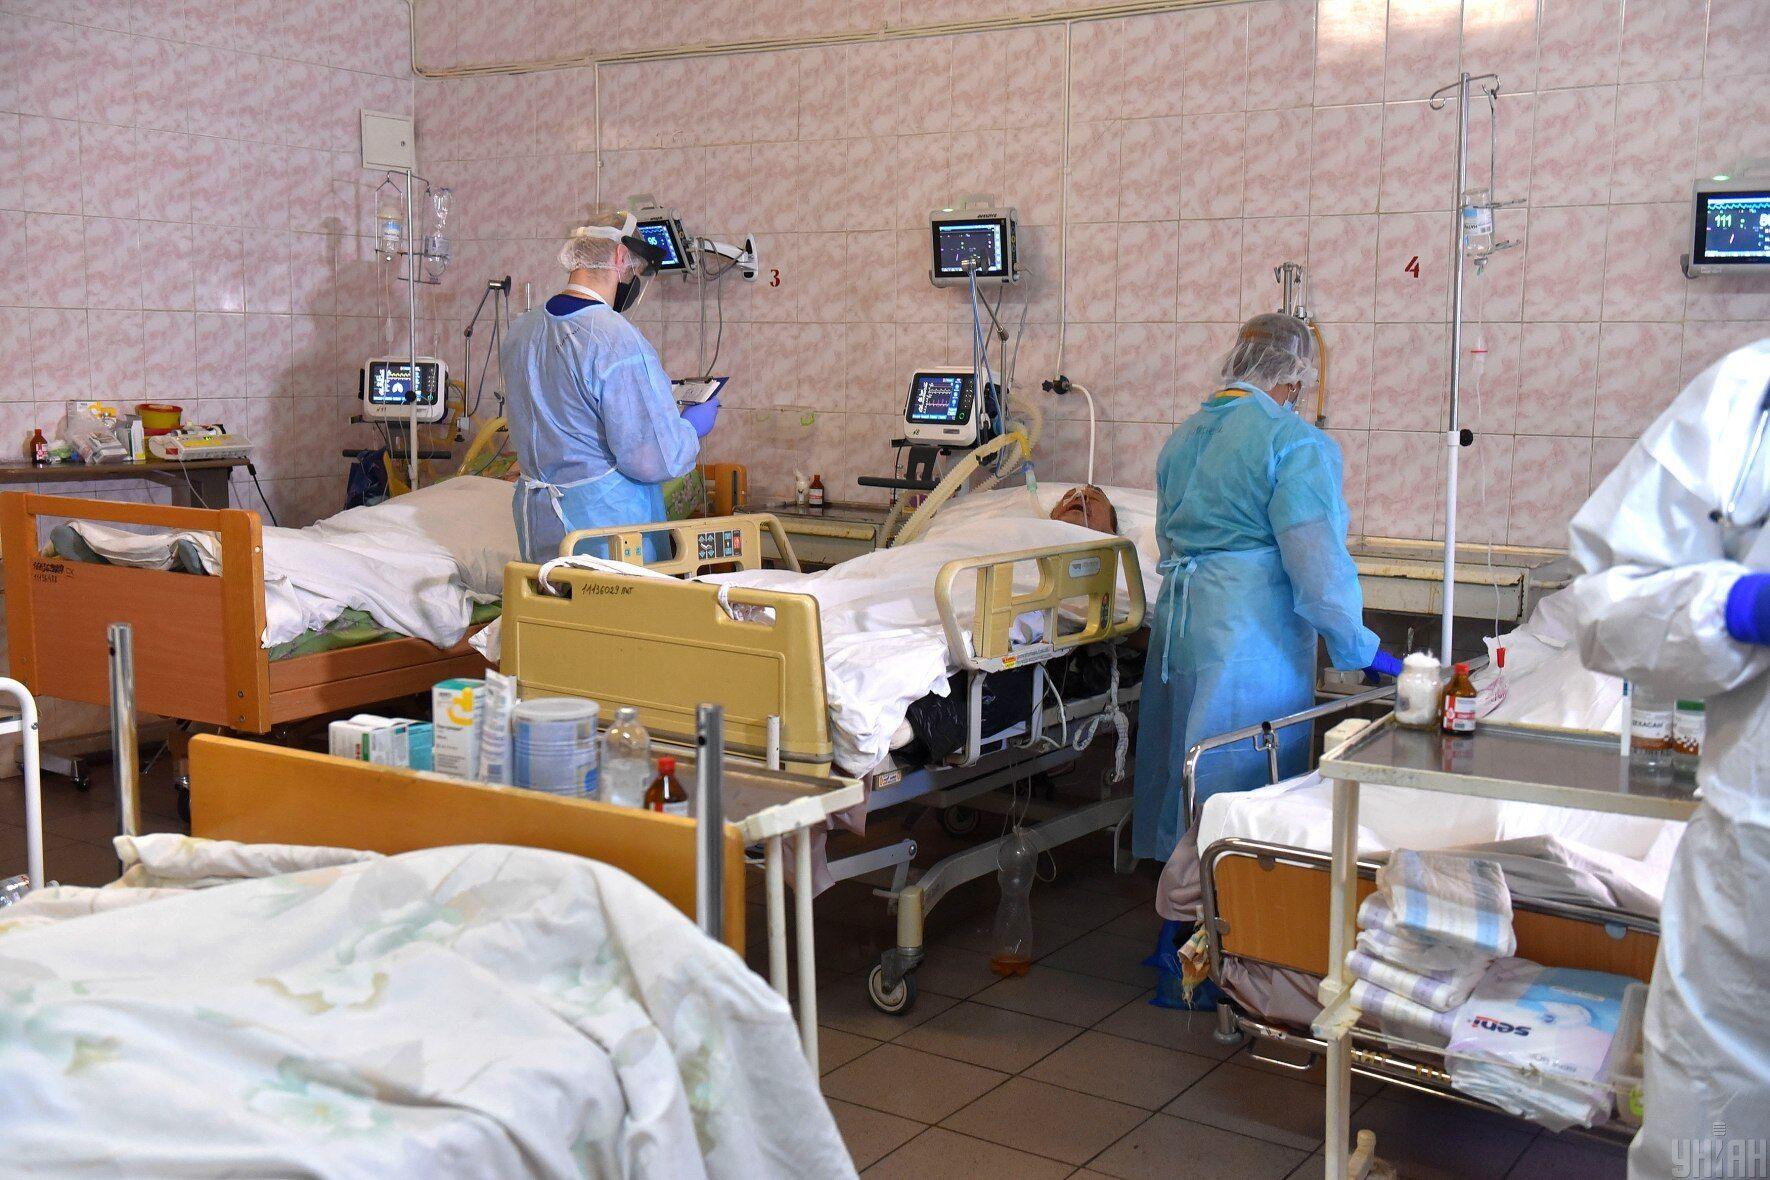 В Україні стрімко зростає кількість госпіталізацій пацієнтів із коронавірусною інфекцією.